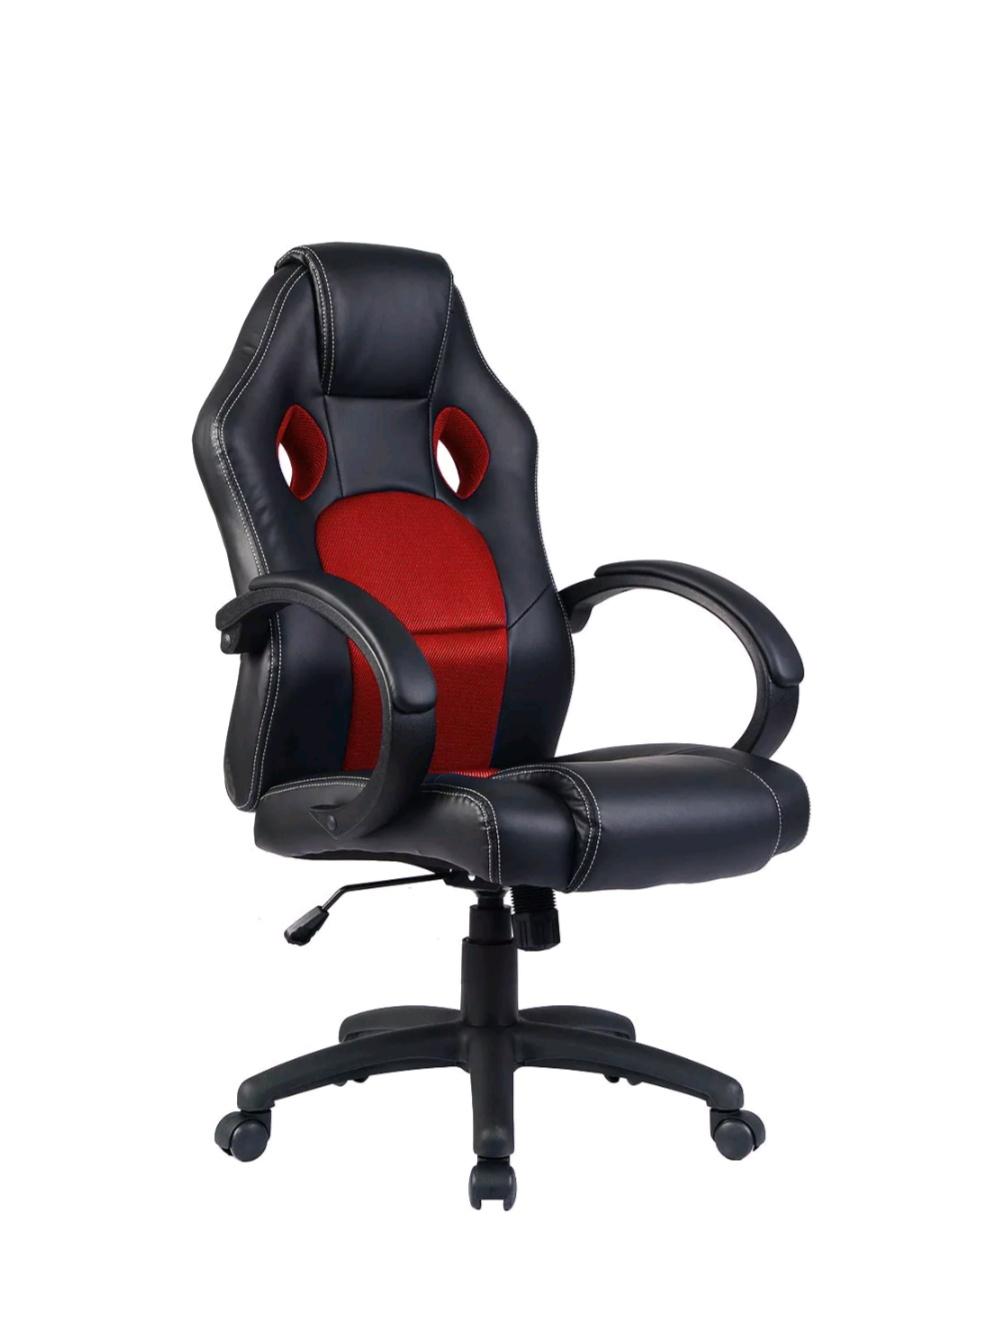 [eBay WOW] Bürostuhl Gamingstuhl Racing Seat Optik